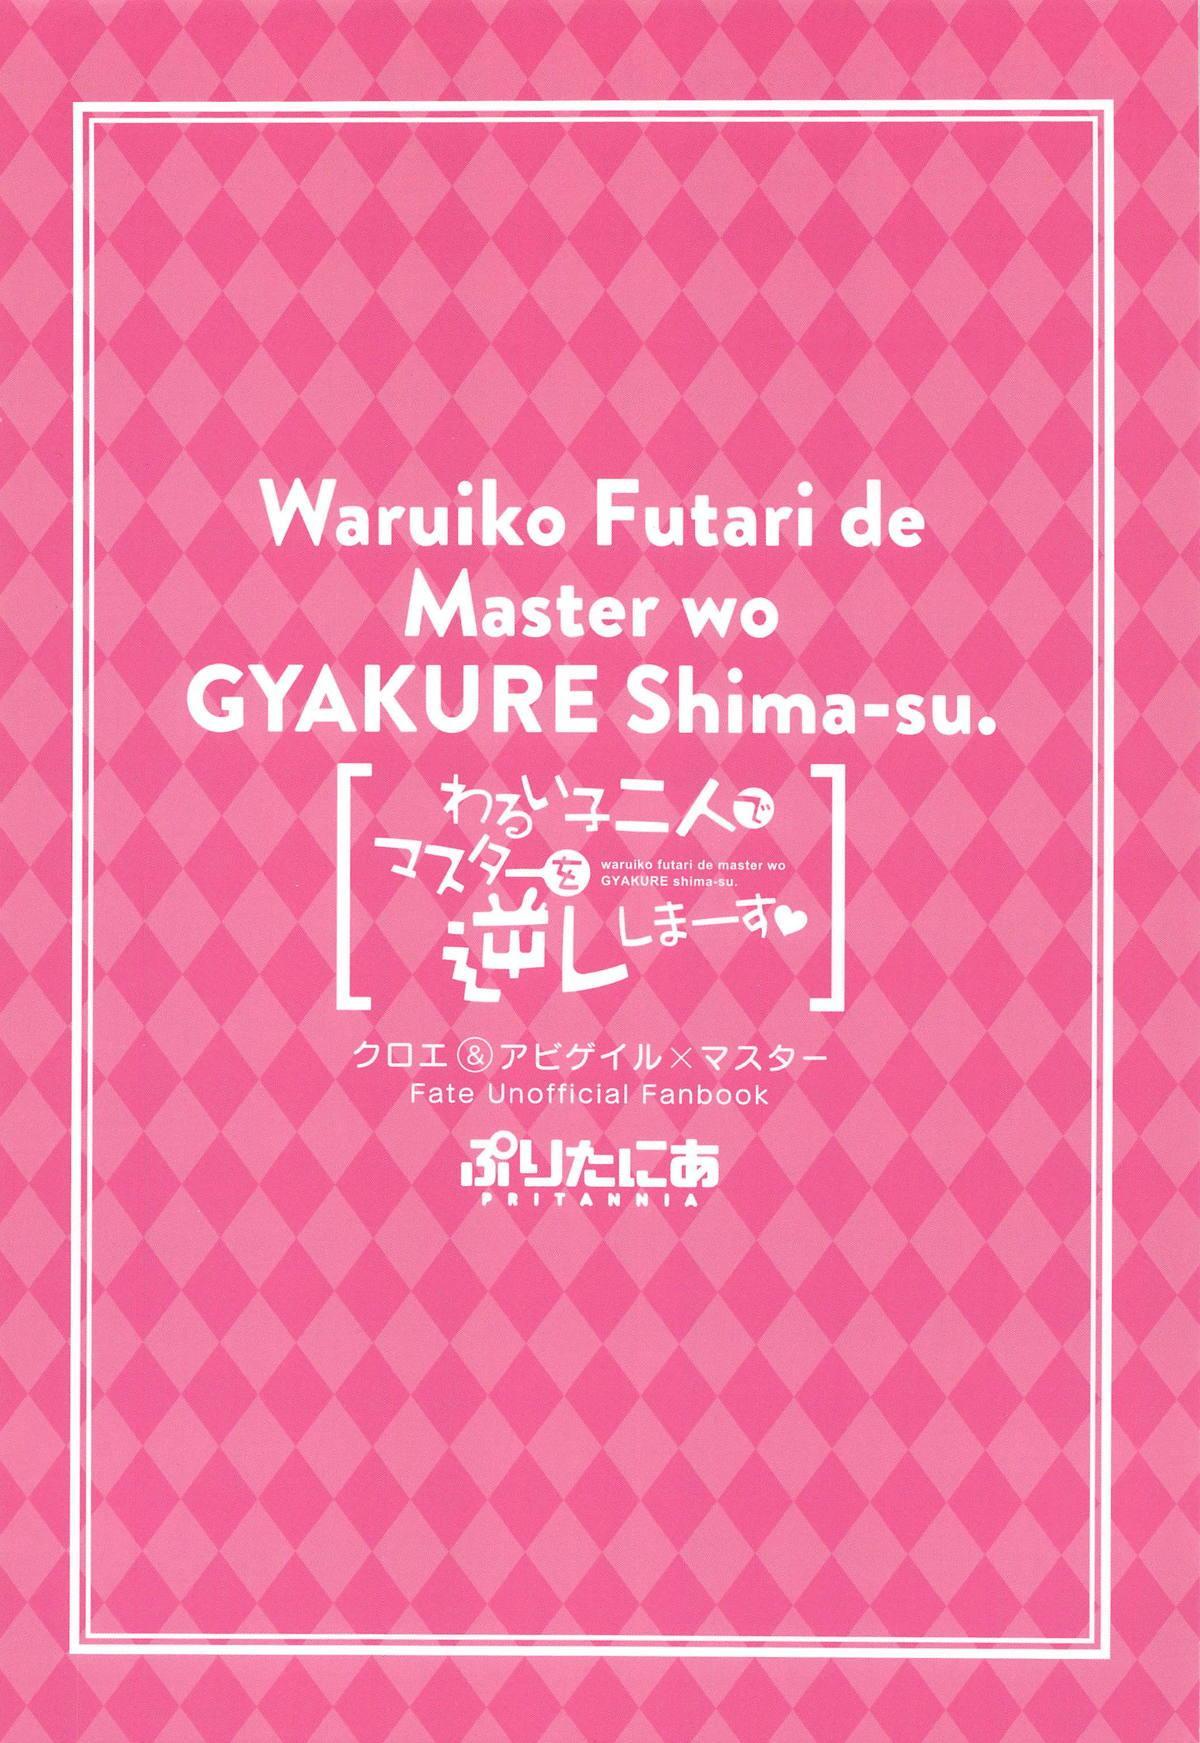 waruiko futari de master wo GYAKURE shima-su.   Two Baaad Girls Reverse Rape Their Master. 22